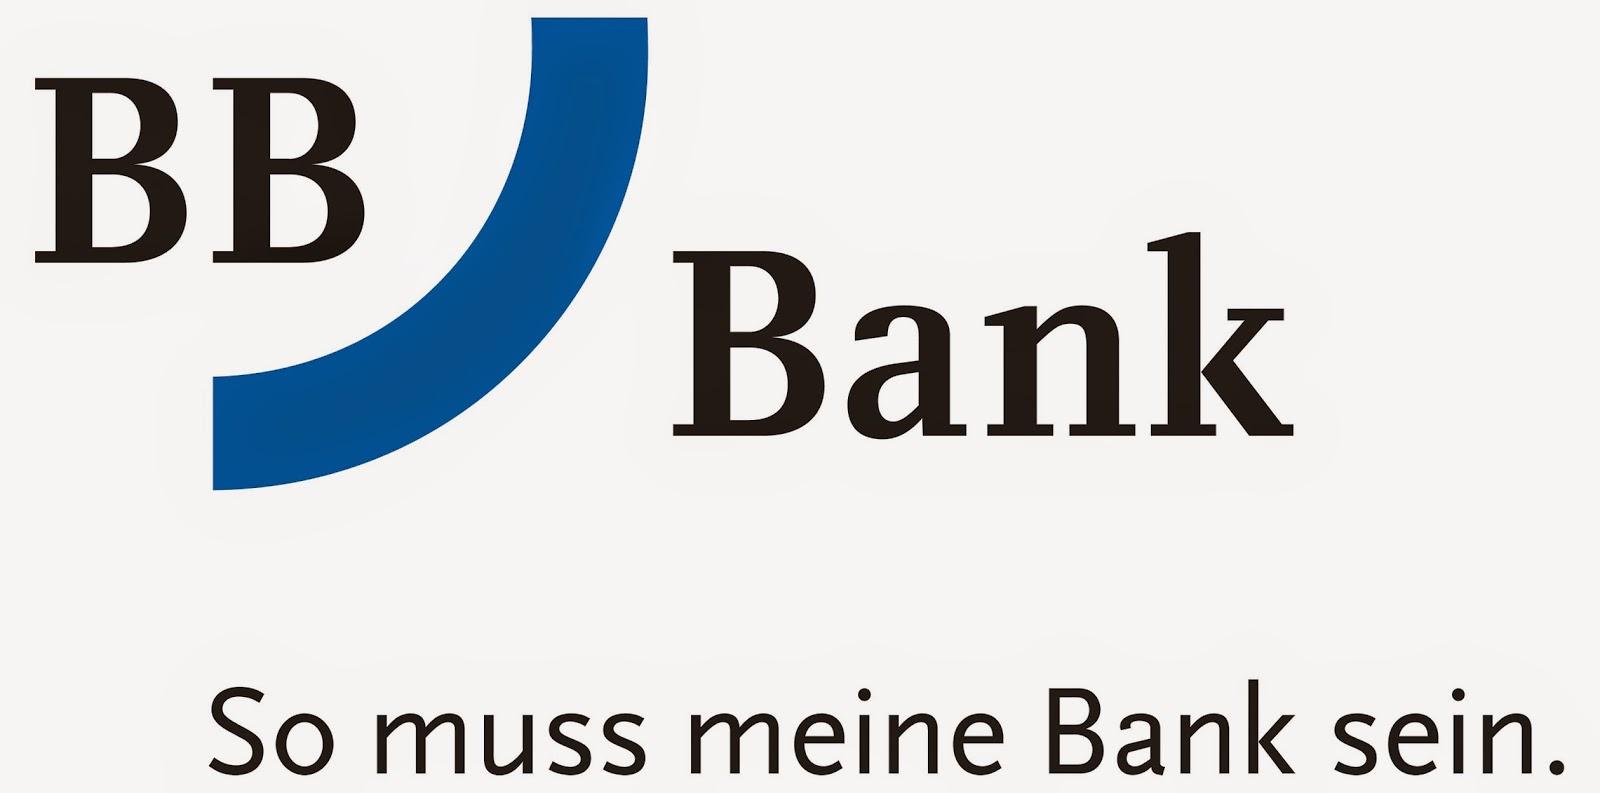 www.bbbank.de